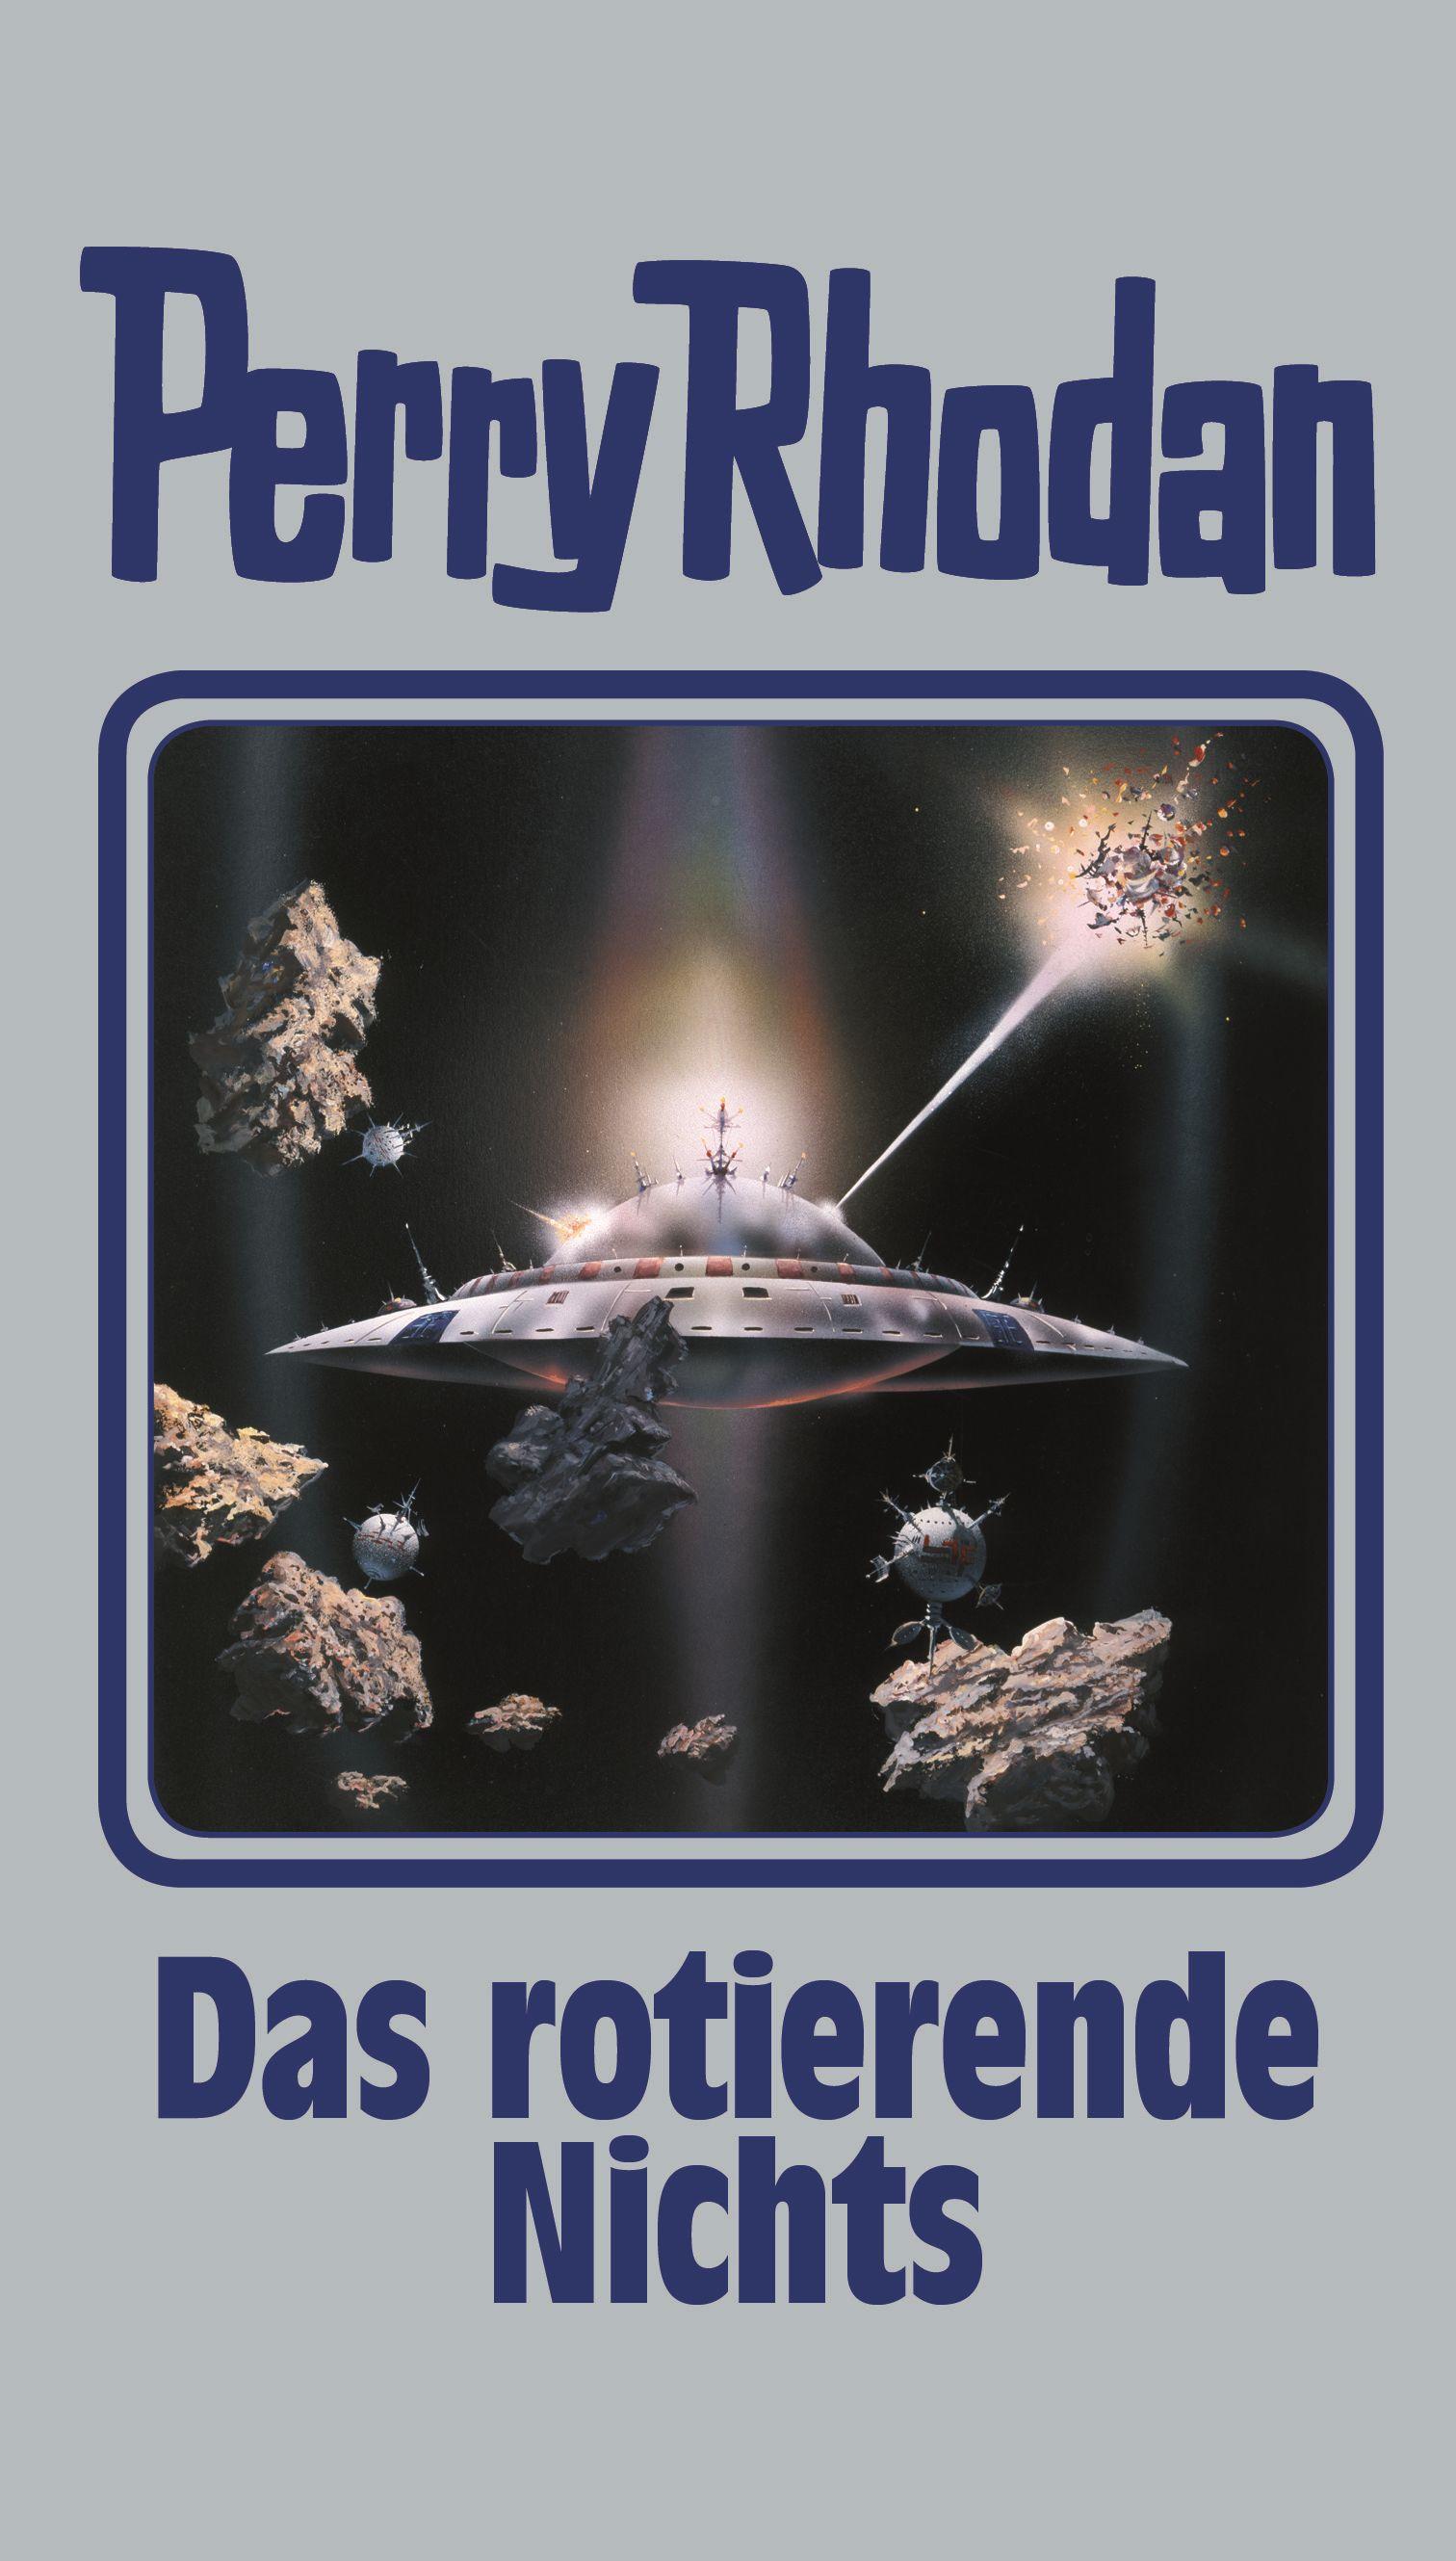 Perry Rhodan: Band 128 - Das rotierende Nichts [Gebundene Ausgabe]